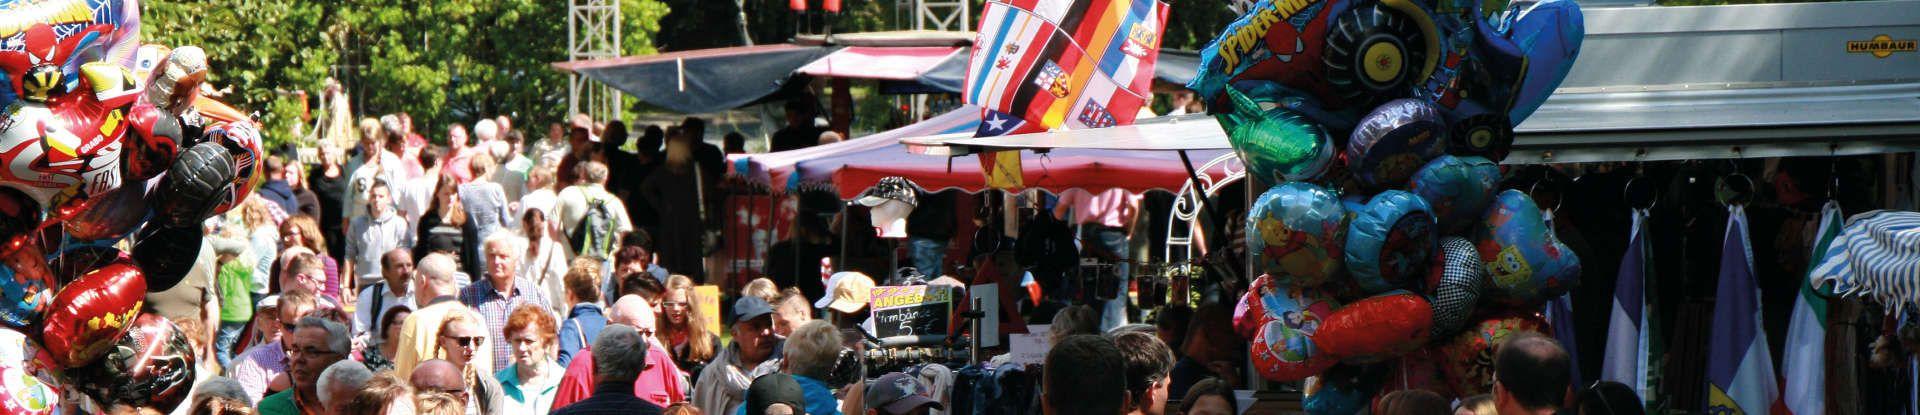 Stadtfest in der Innenstadt